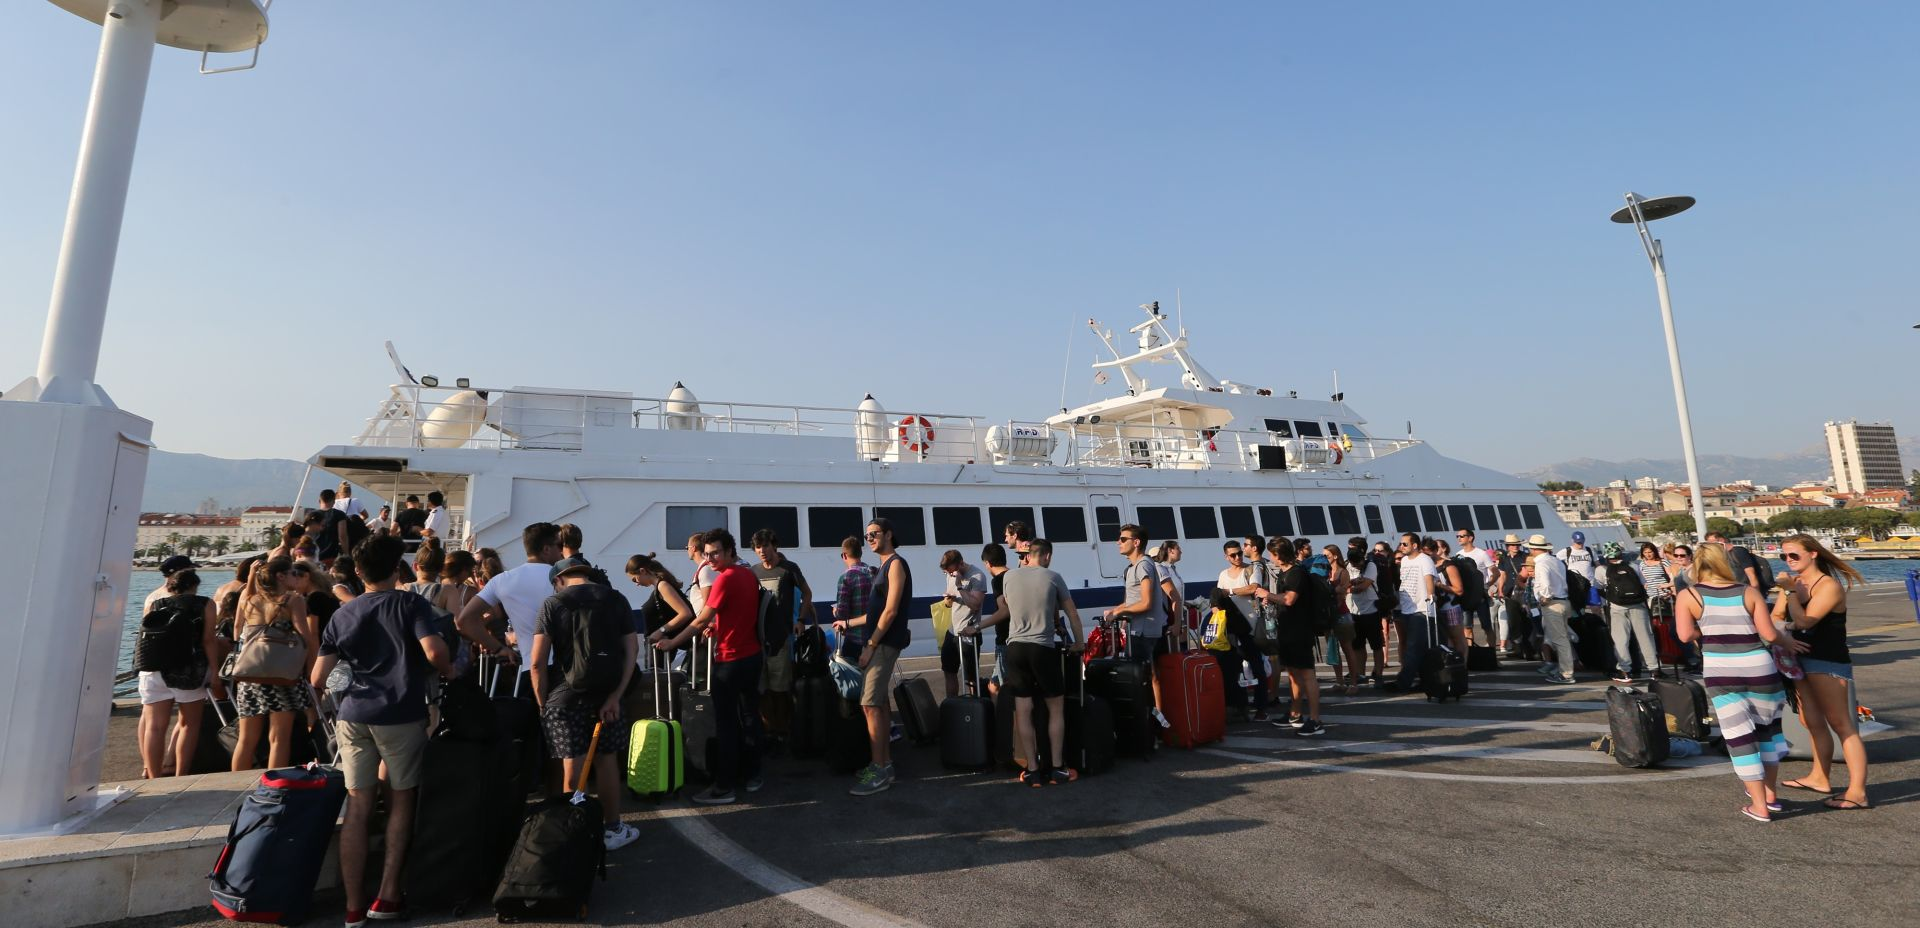 TURISTIČKA GUŽVA Kroz Split će ovaj vikend proći više od 100 tisuća putnika